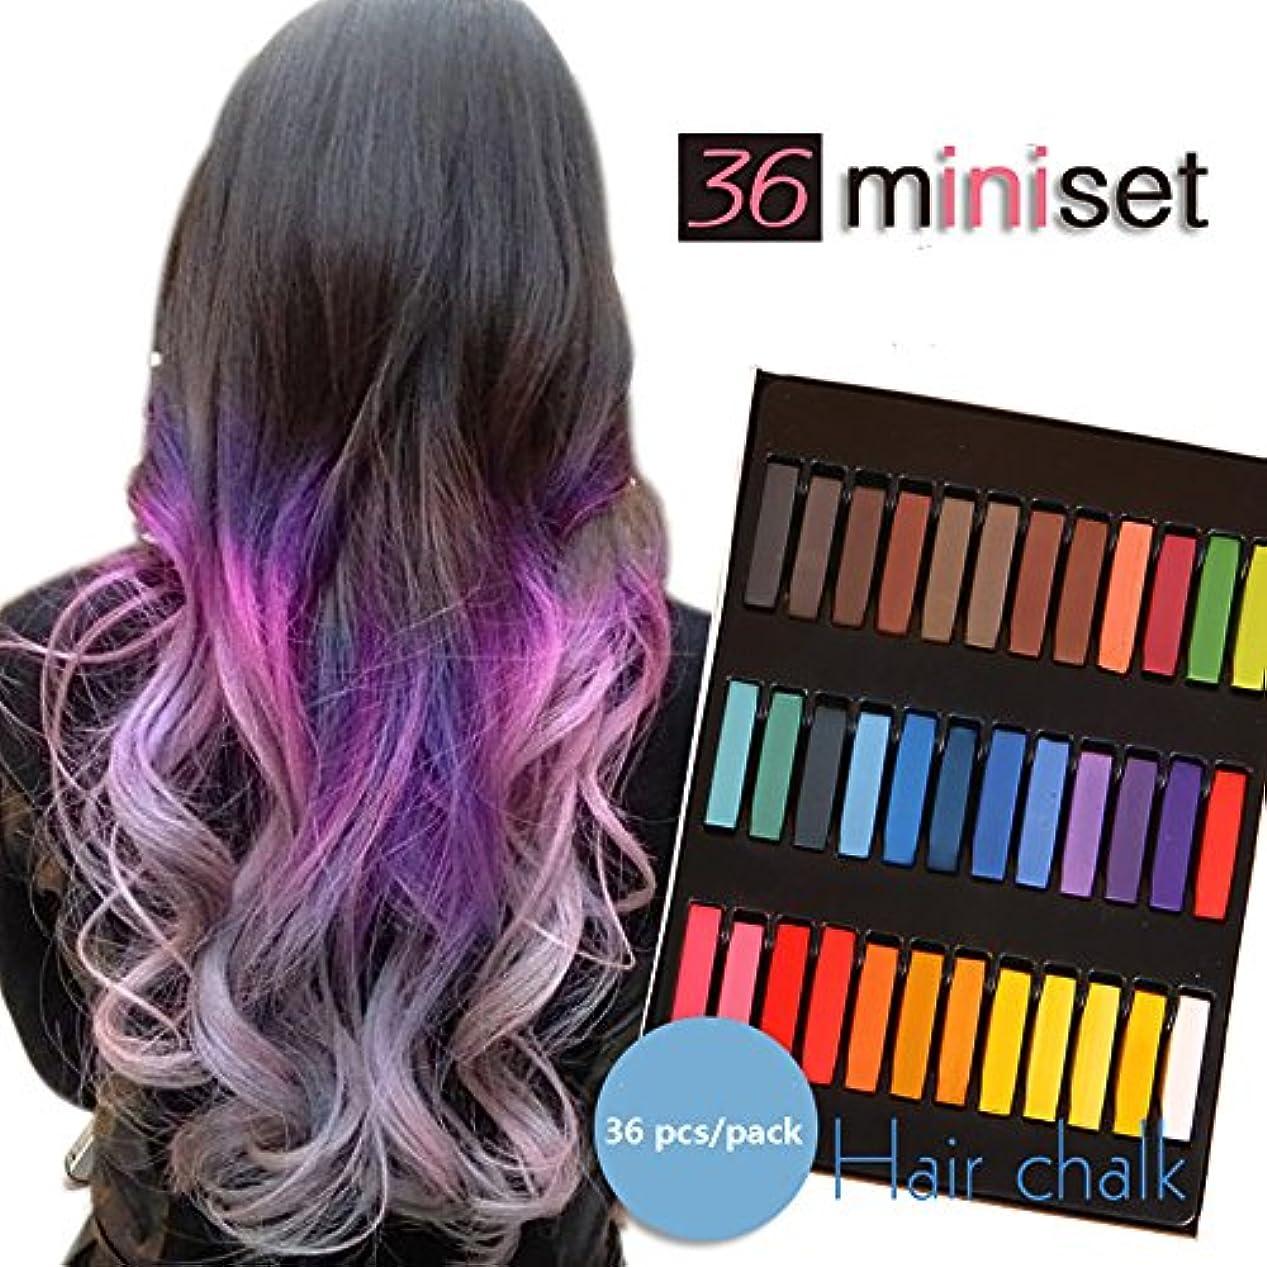 結果属性爆発大ブレイク中!HAIR CHALKIN 選べる 6色/12色/24色/36色 髪専用に開発された安心商品! ヘアチョーク ヘアカラーチョーク 一日だけのヘアカラーでイメチェンが楽しめる!美容室のヘアカラーでは表現しづらい...